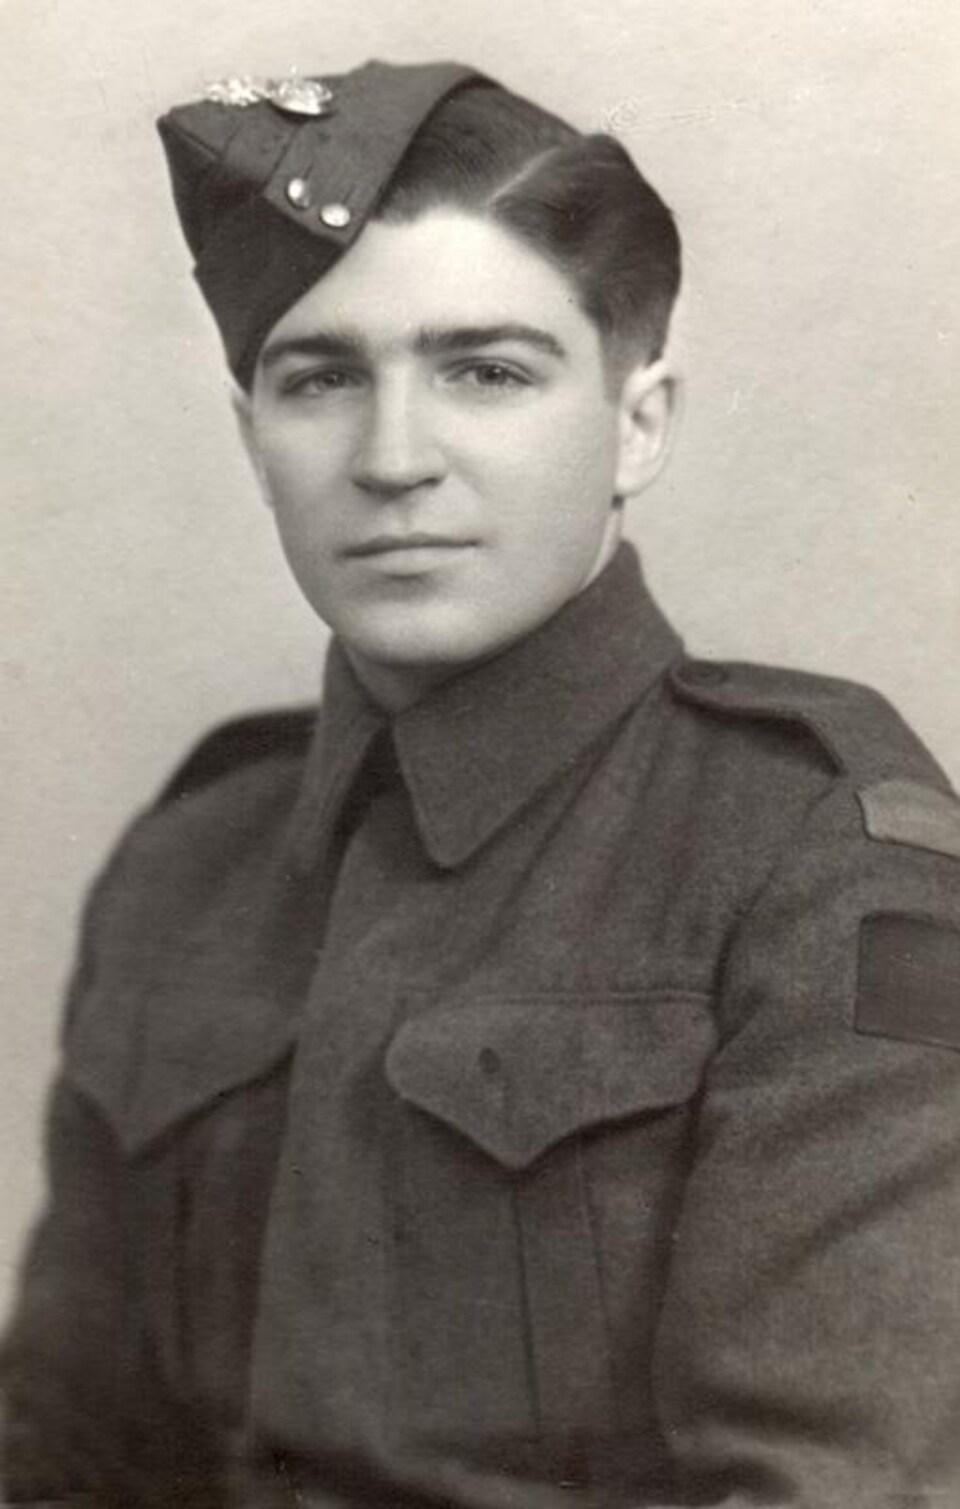 Une photo d'archives en noir et blanc montre un jeune soldat.